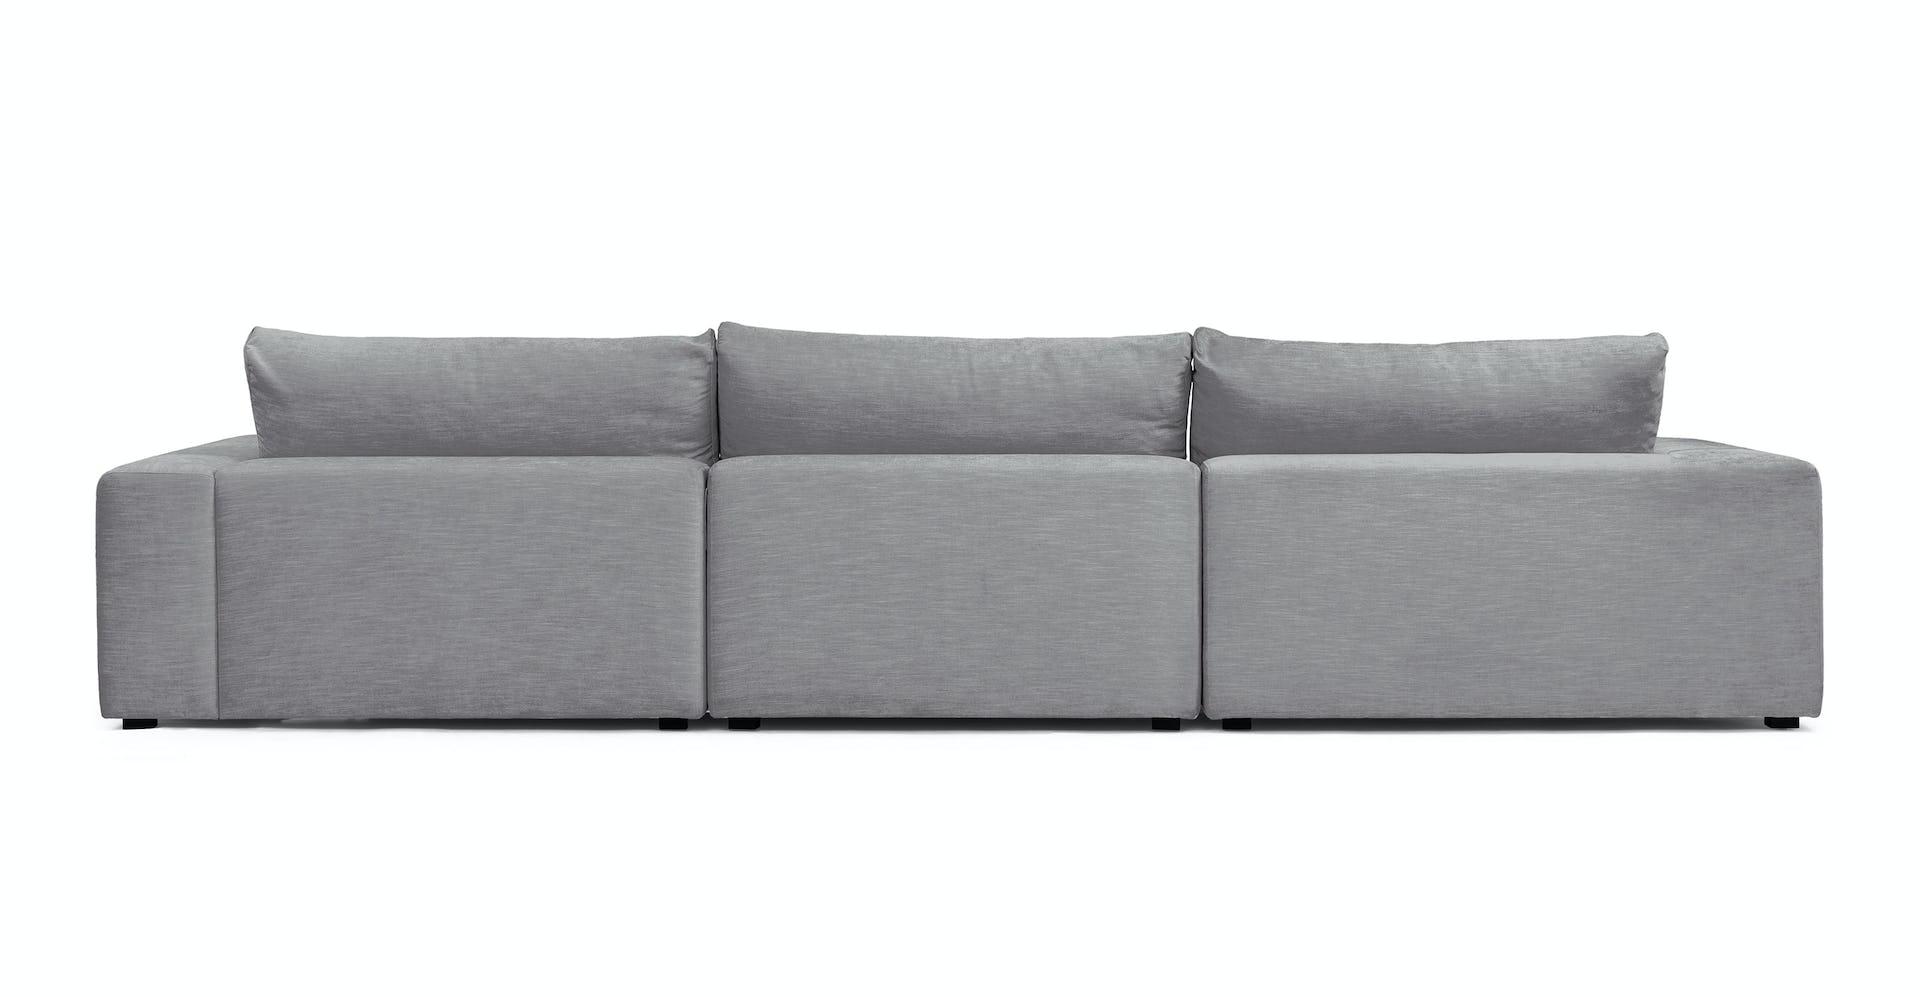 Remarkable Gaba Gull Gray Left Modular Sectional Ibusinesslaw Wood Chair Design Ideas Ibusinesslaworg